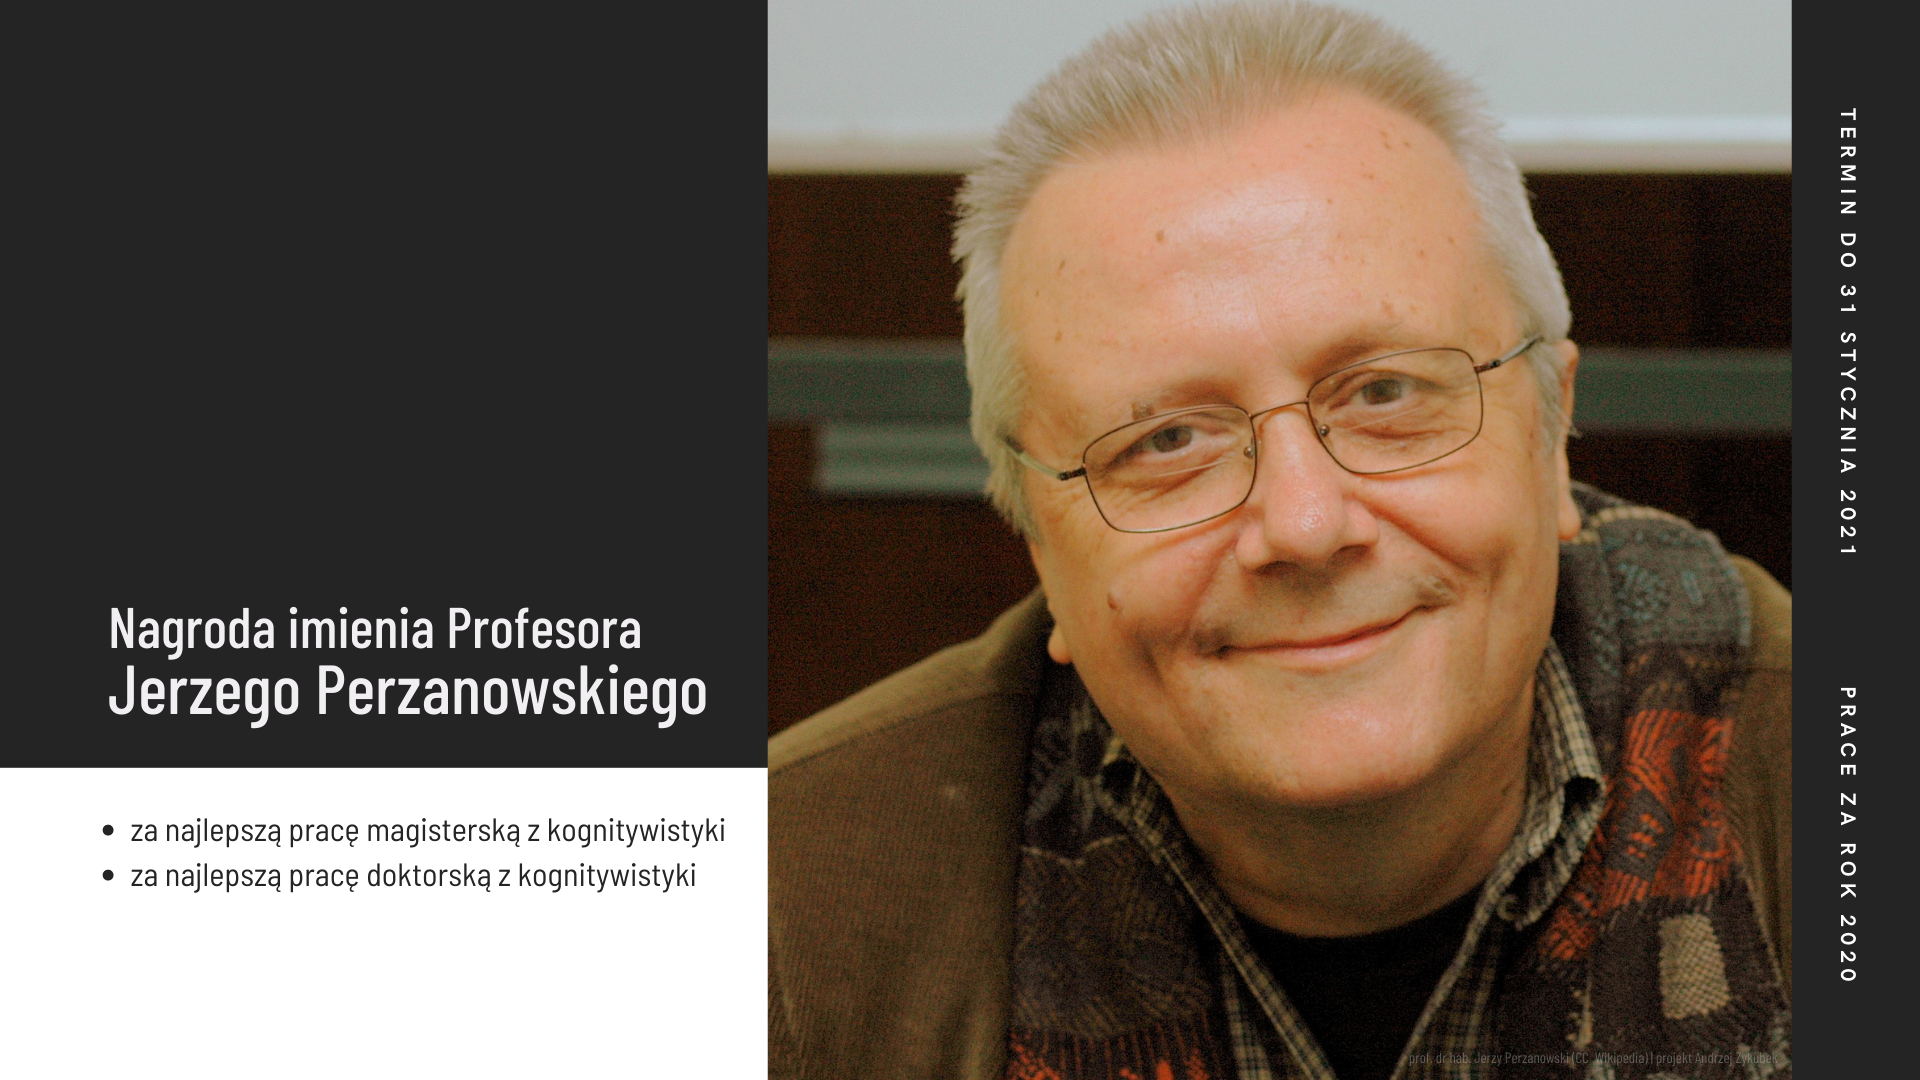 Nagroda imienia Profesora Jerzego Perzanowskiego